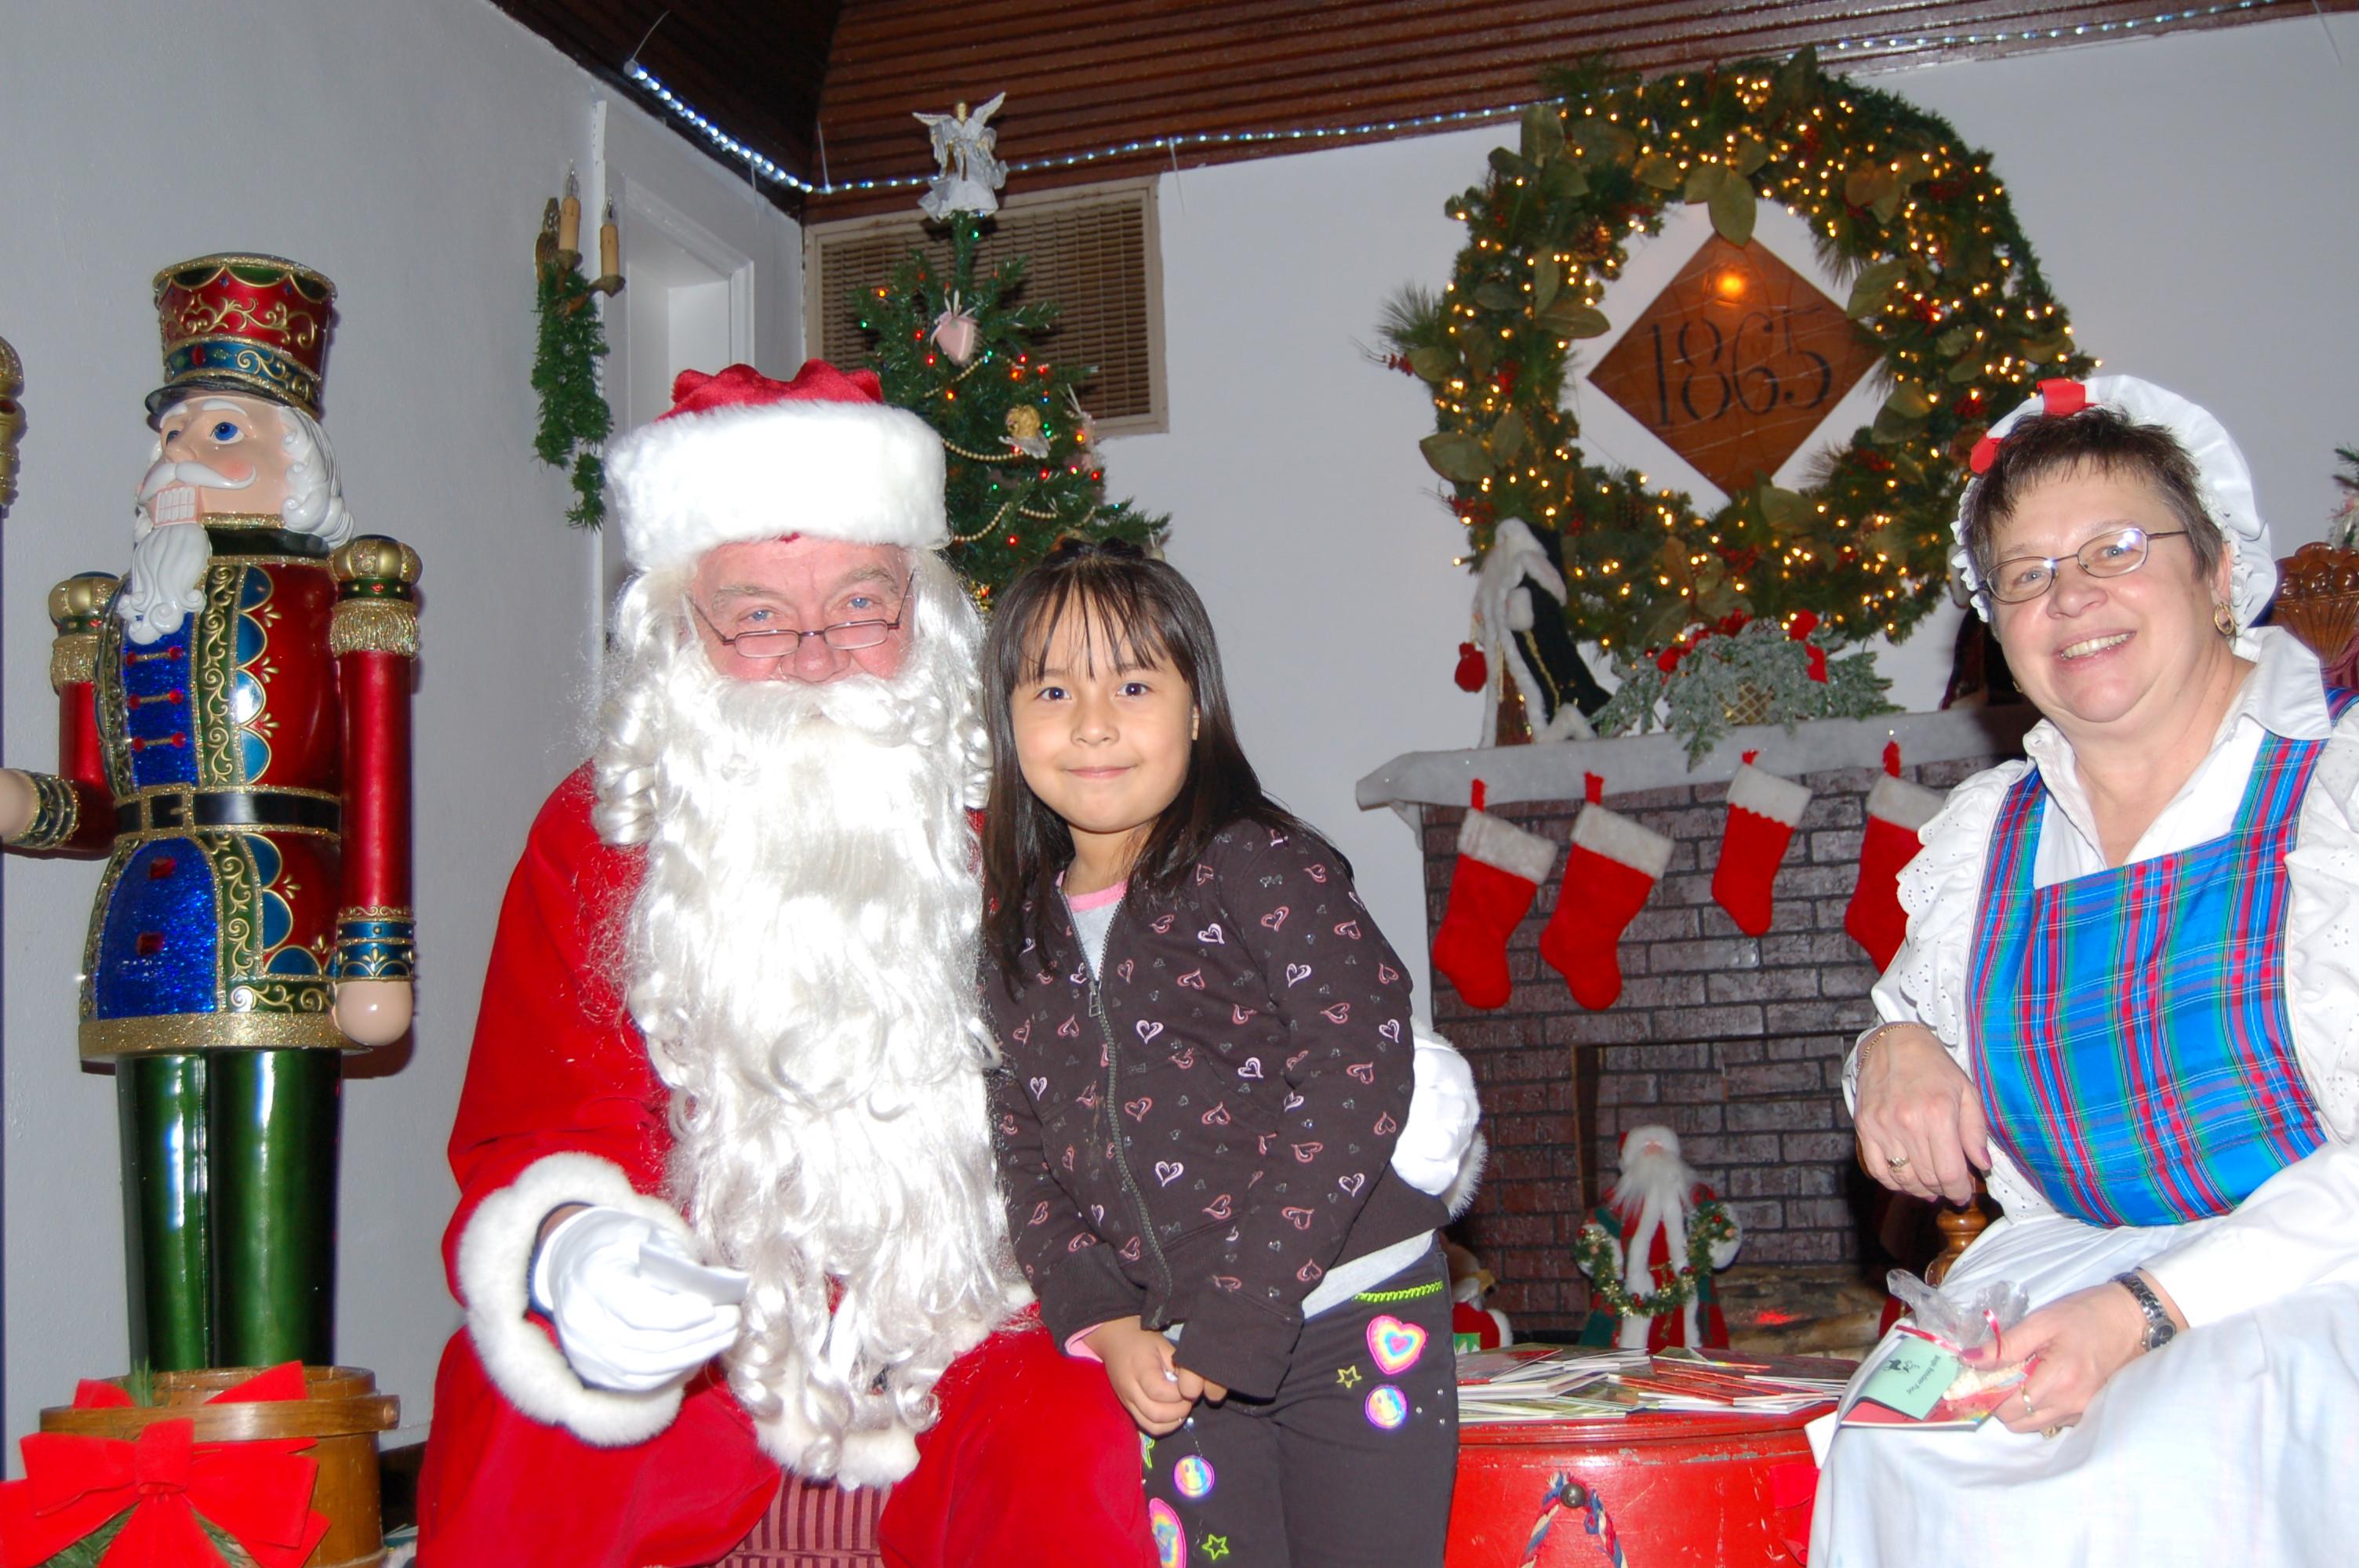 LolliPop+Lane+12-11-2008+Picture+017.jpg